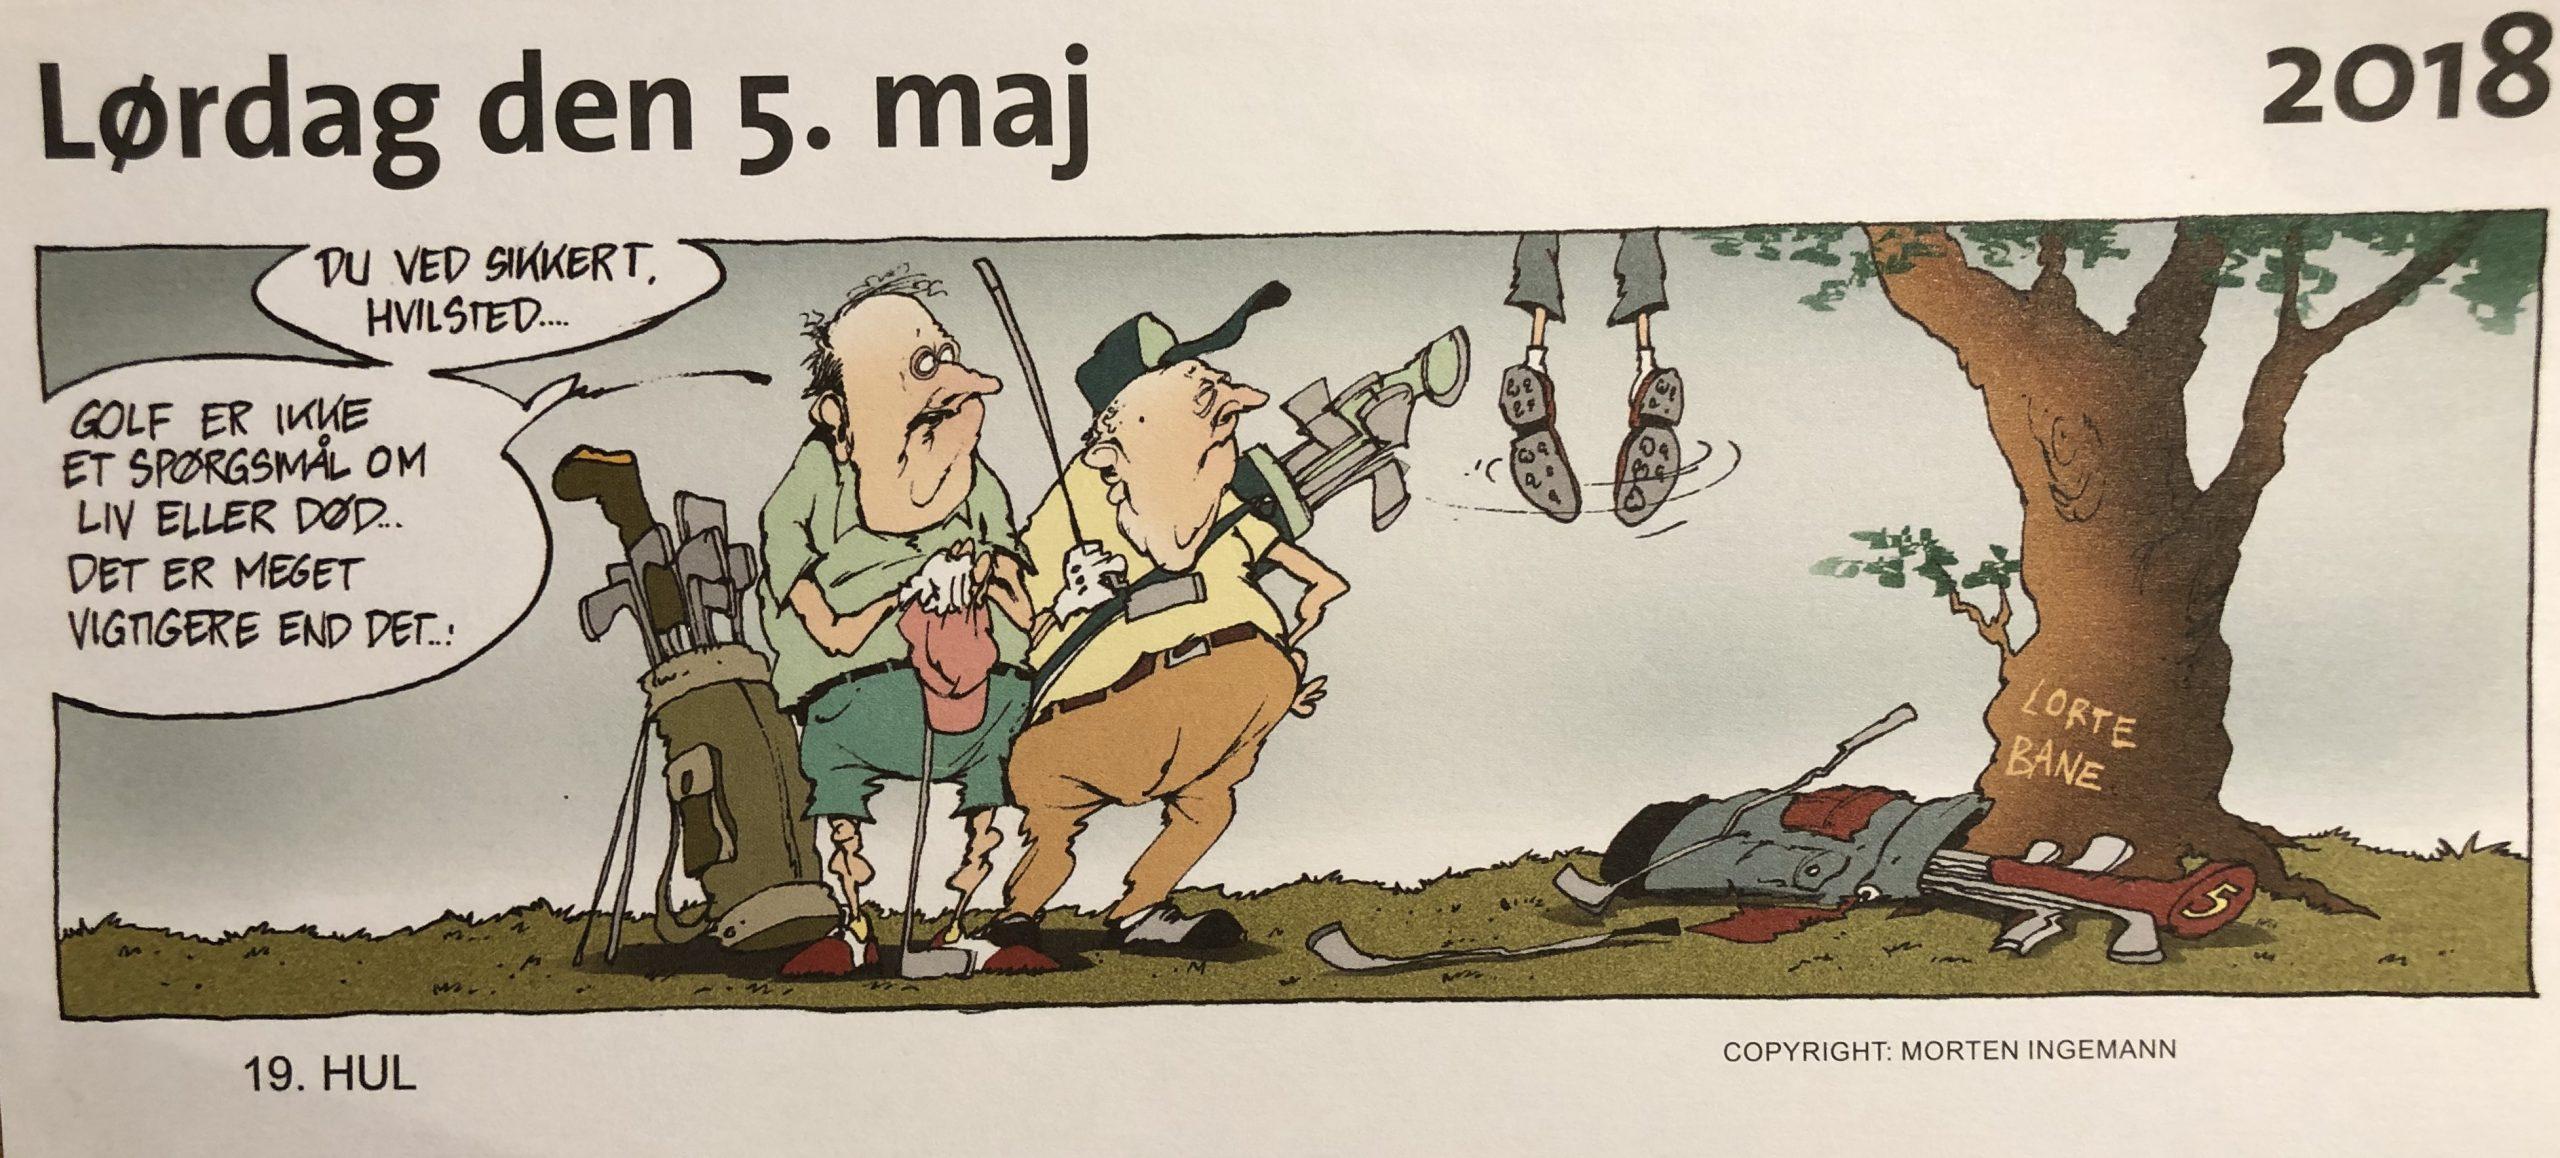 morten ingemann golf